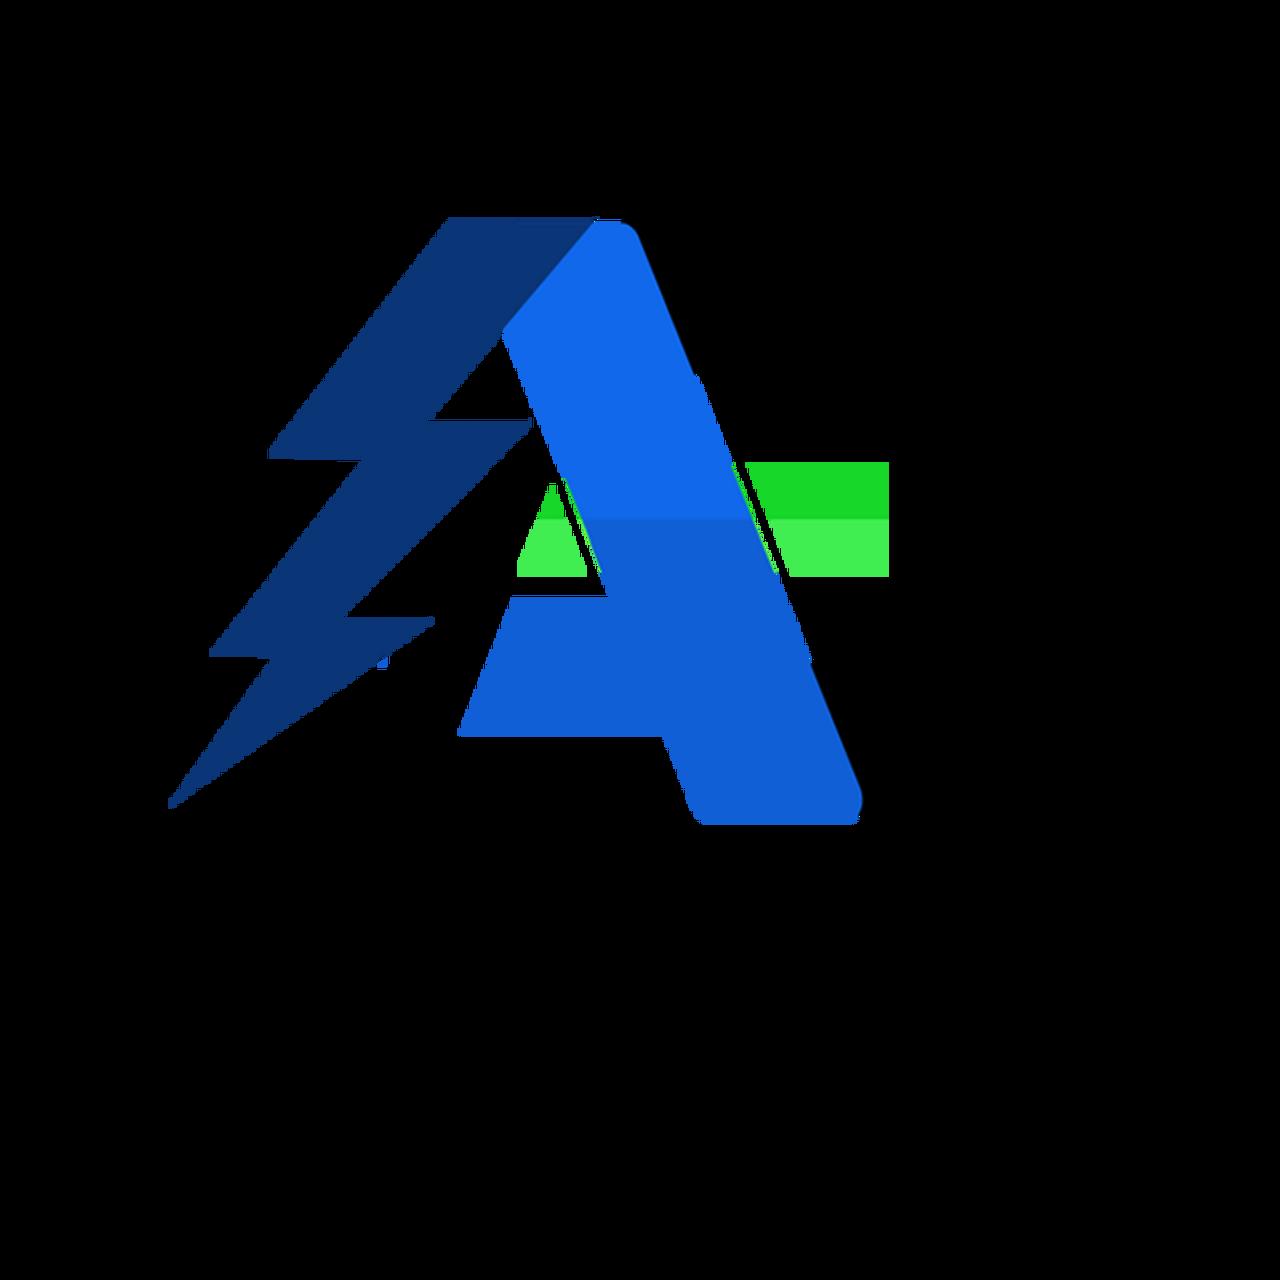 Alternator Outlet